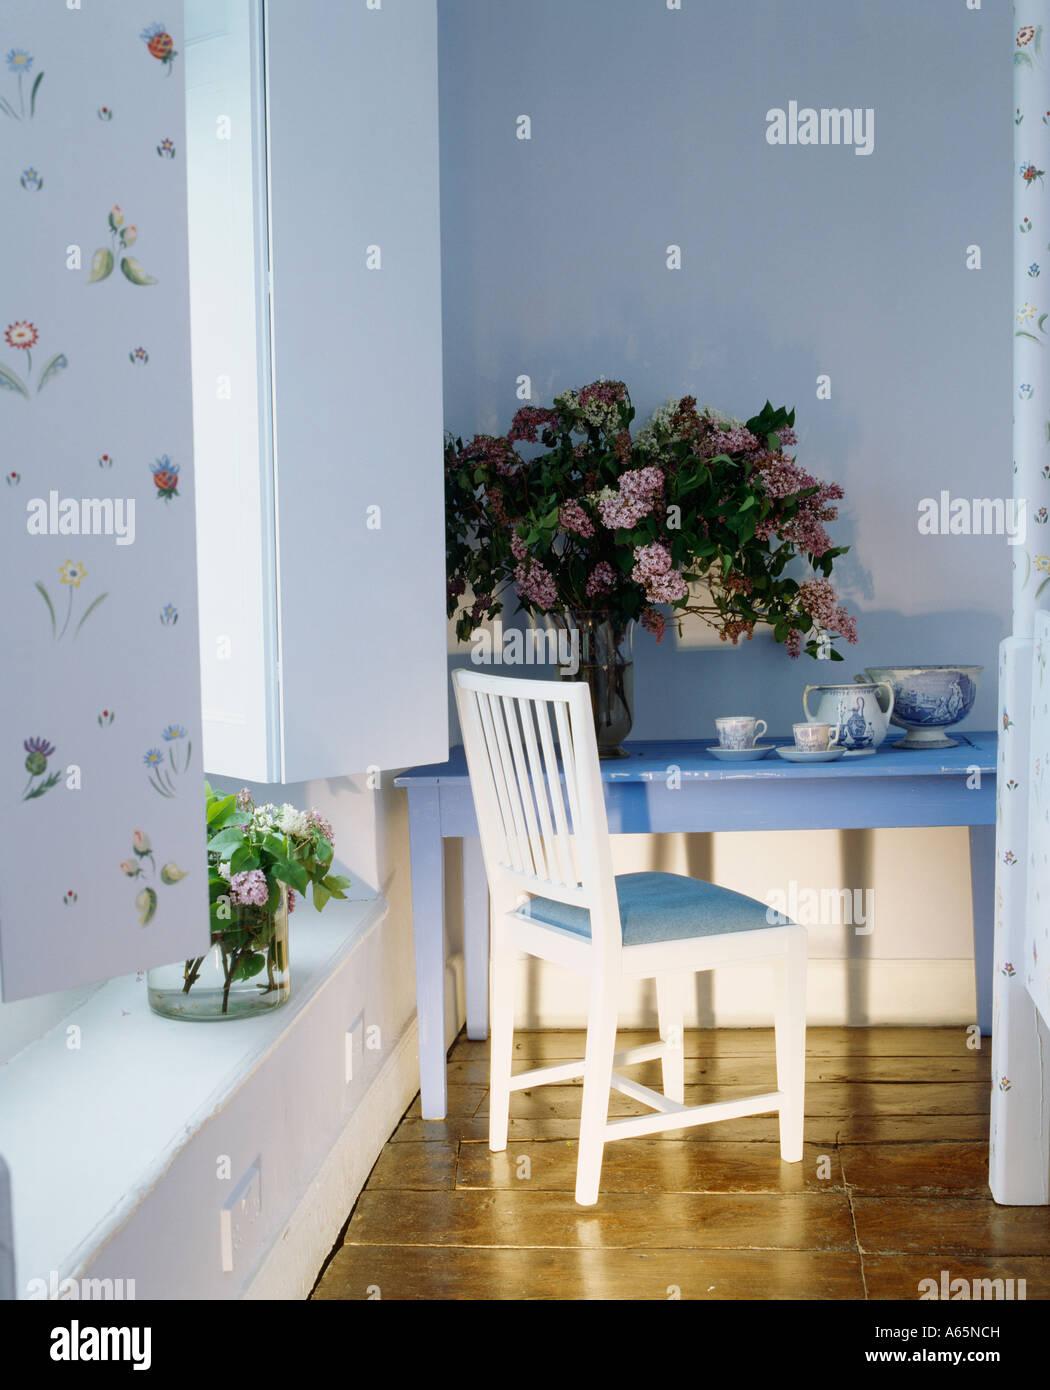 Ecke Des Blaues Zimmer Mit Weißen Stuhl Und Blauer Schreibtisch Mit Gesteck